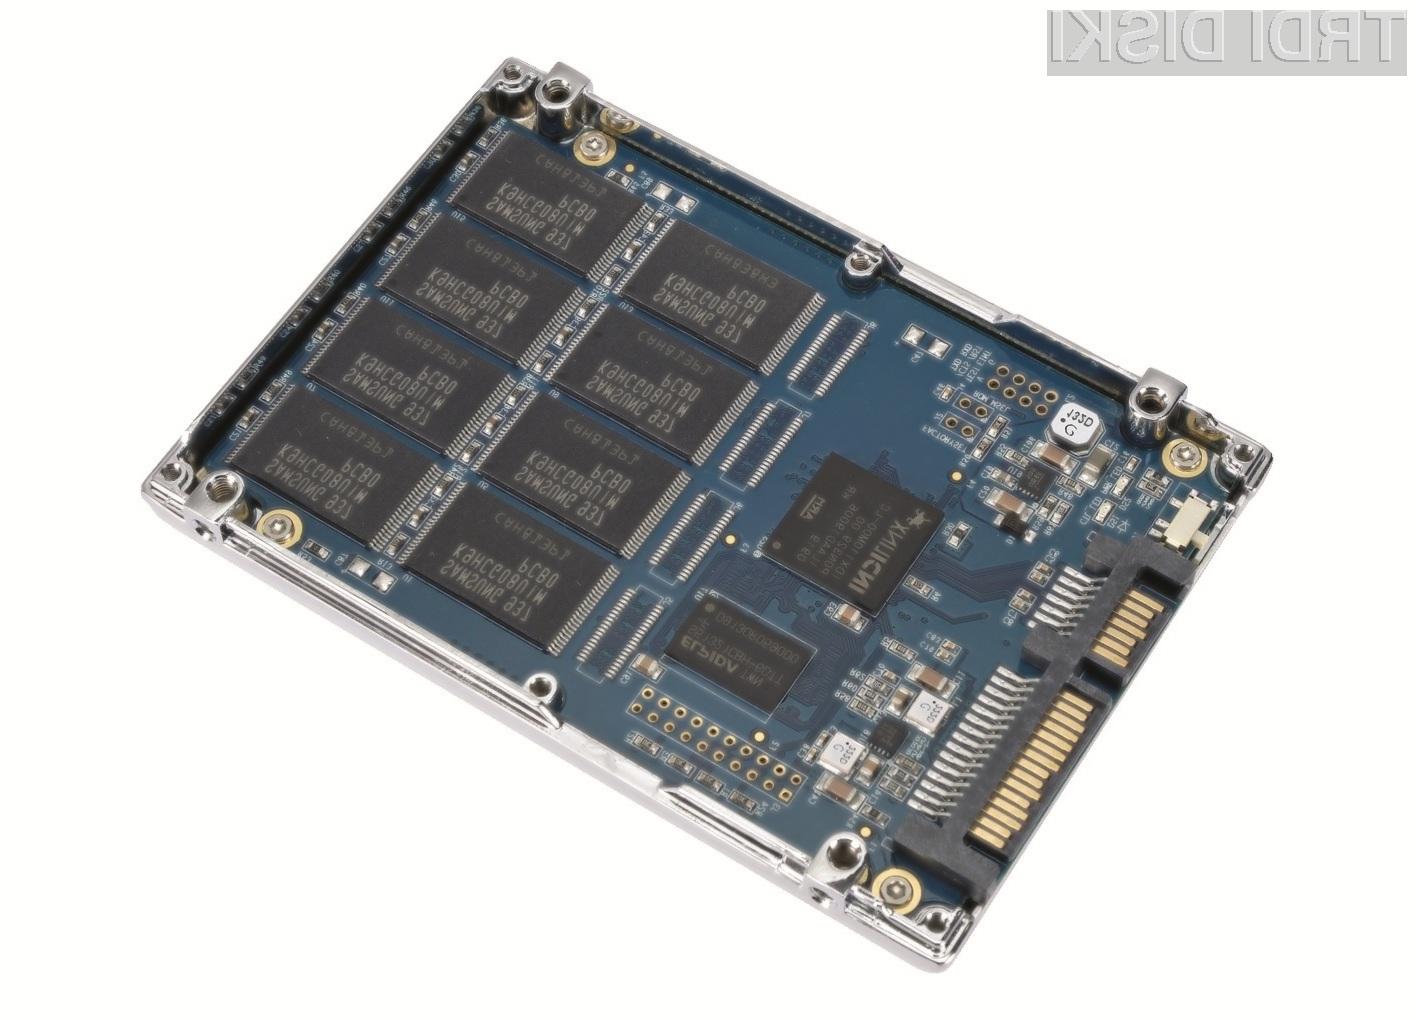 Pogoni Solid State so že dovolj poceni, da lahko prevzamejo mesto centralne pomnilniške enote v osebnih in prenosnih računalnikih.